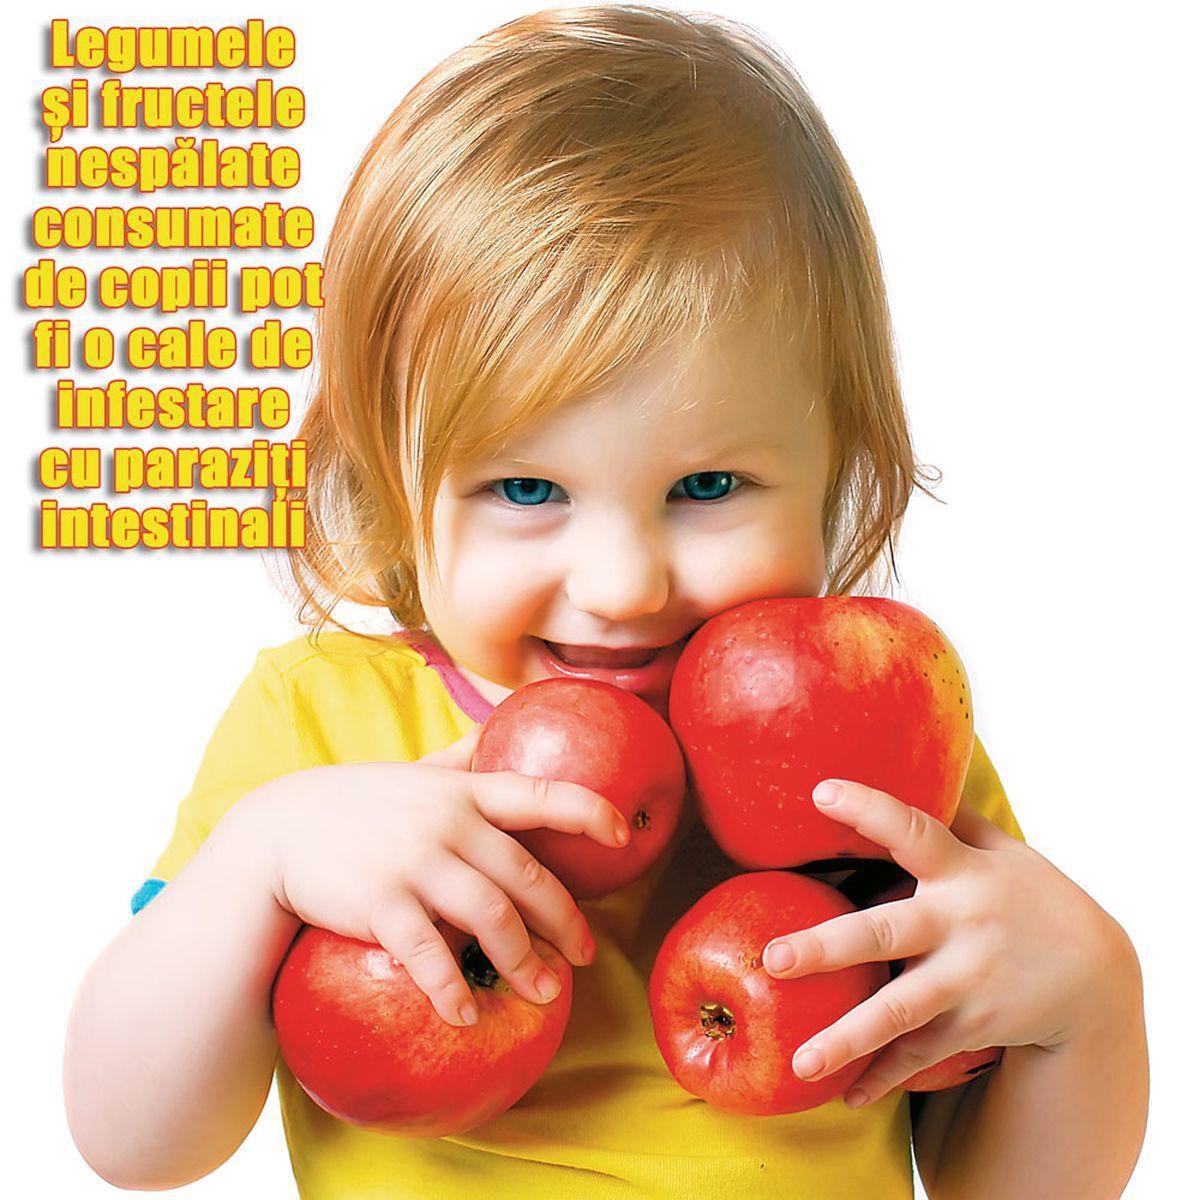 Seminţele de dovleac, bune pentru constipaţie şi paraziţi intestinali. Ce alte beneficii mai au